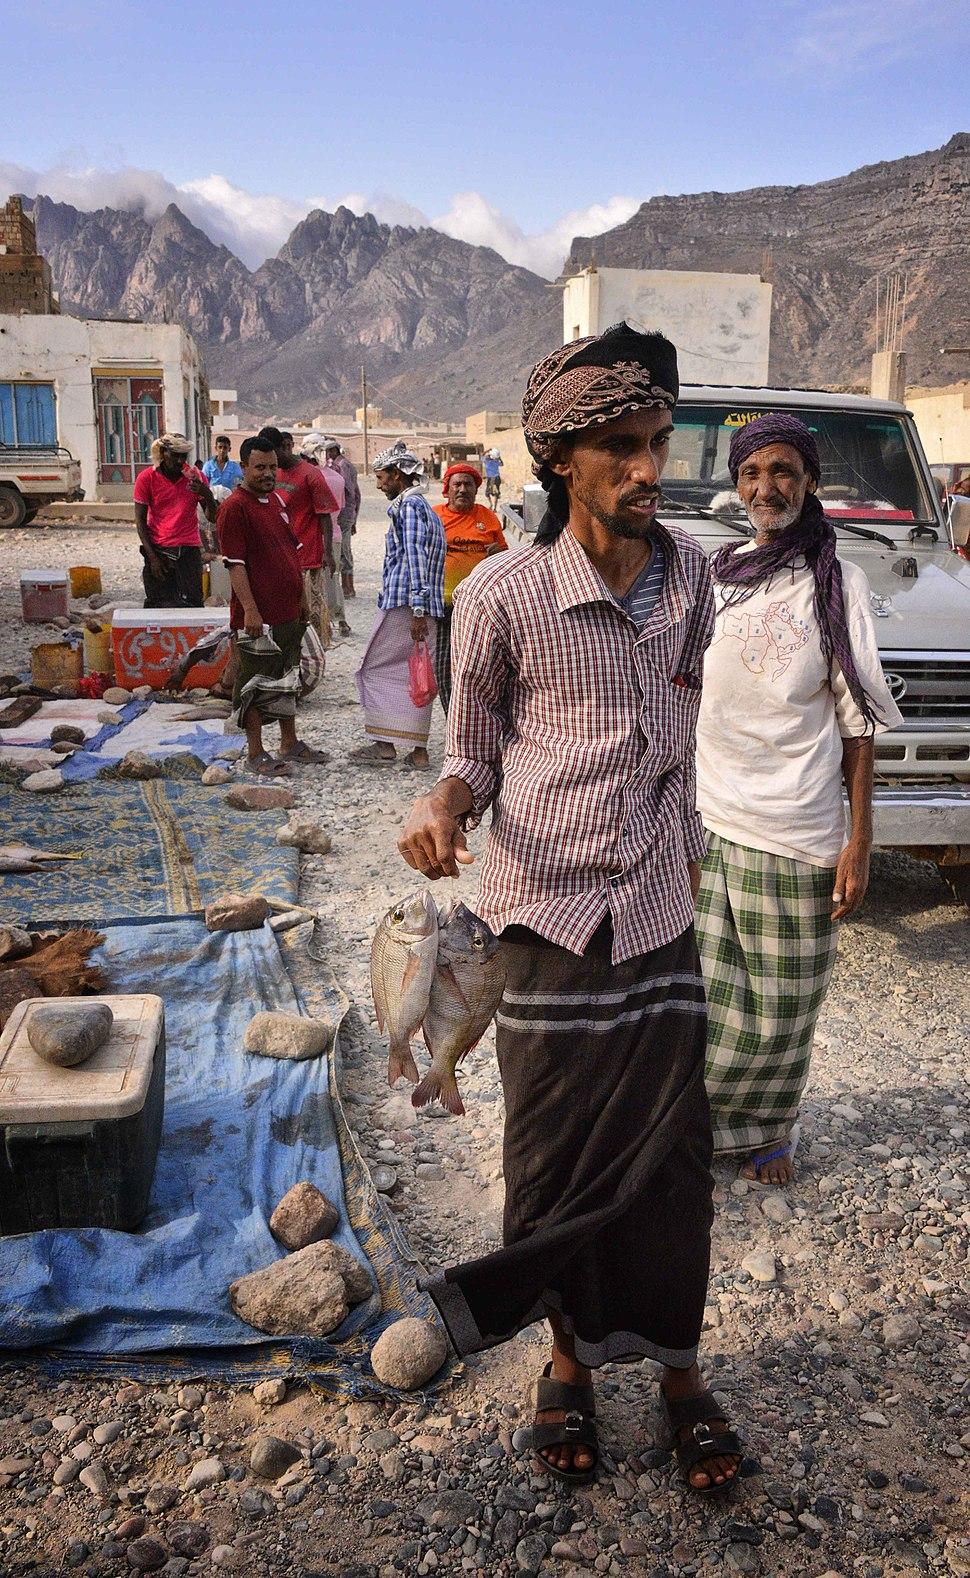 Fish Market, Socotra Island (10421587795)